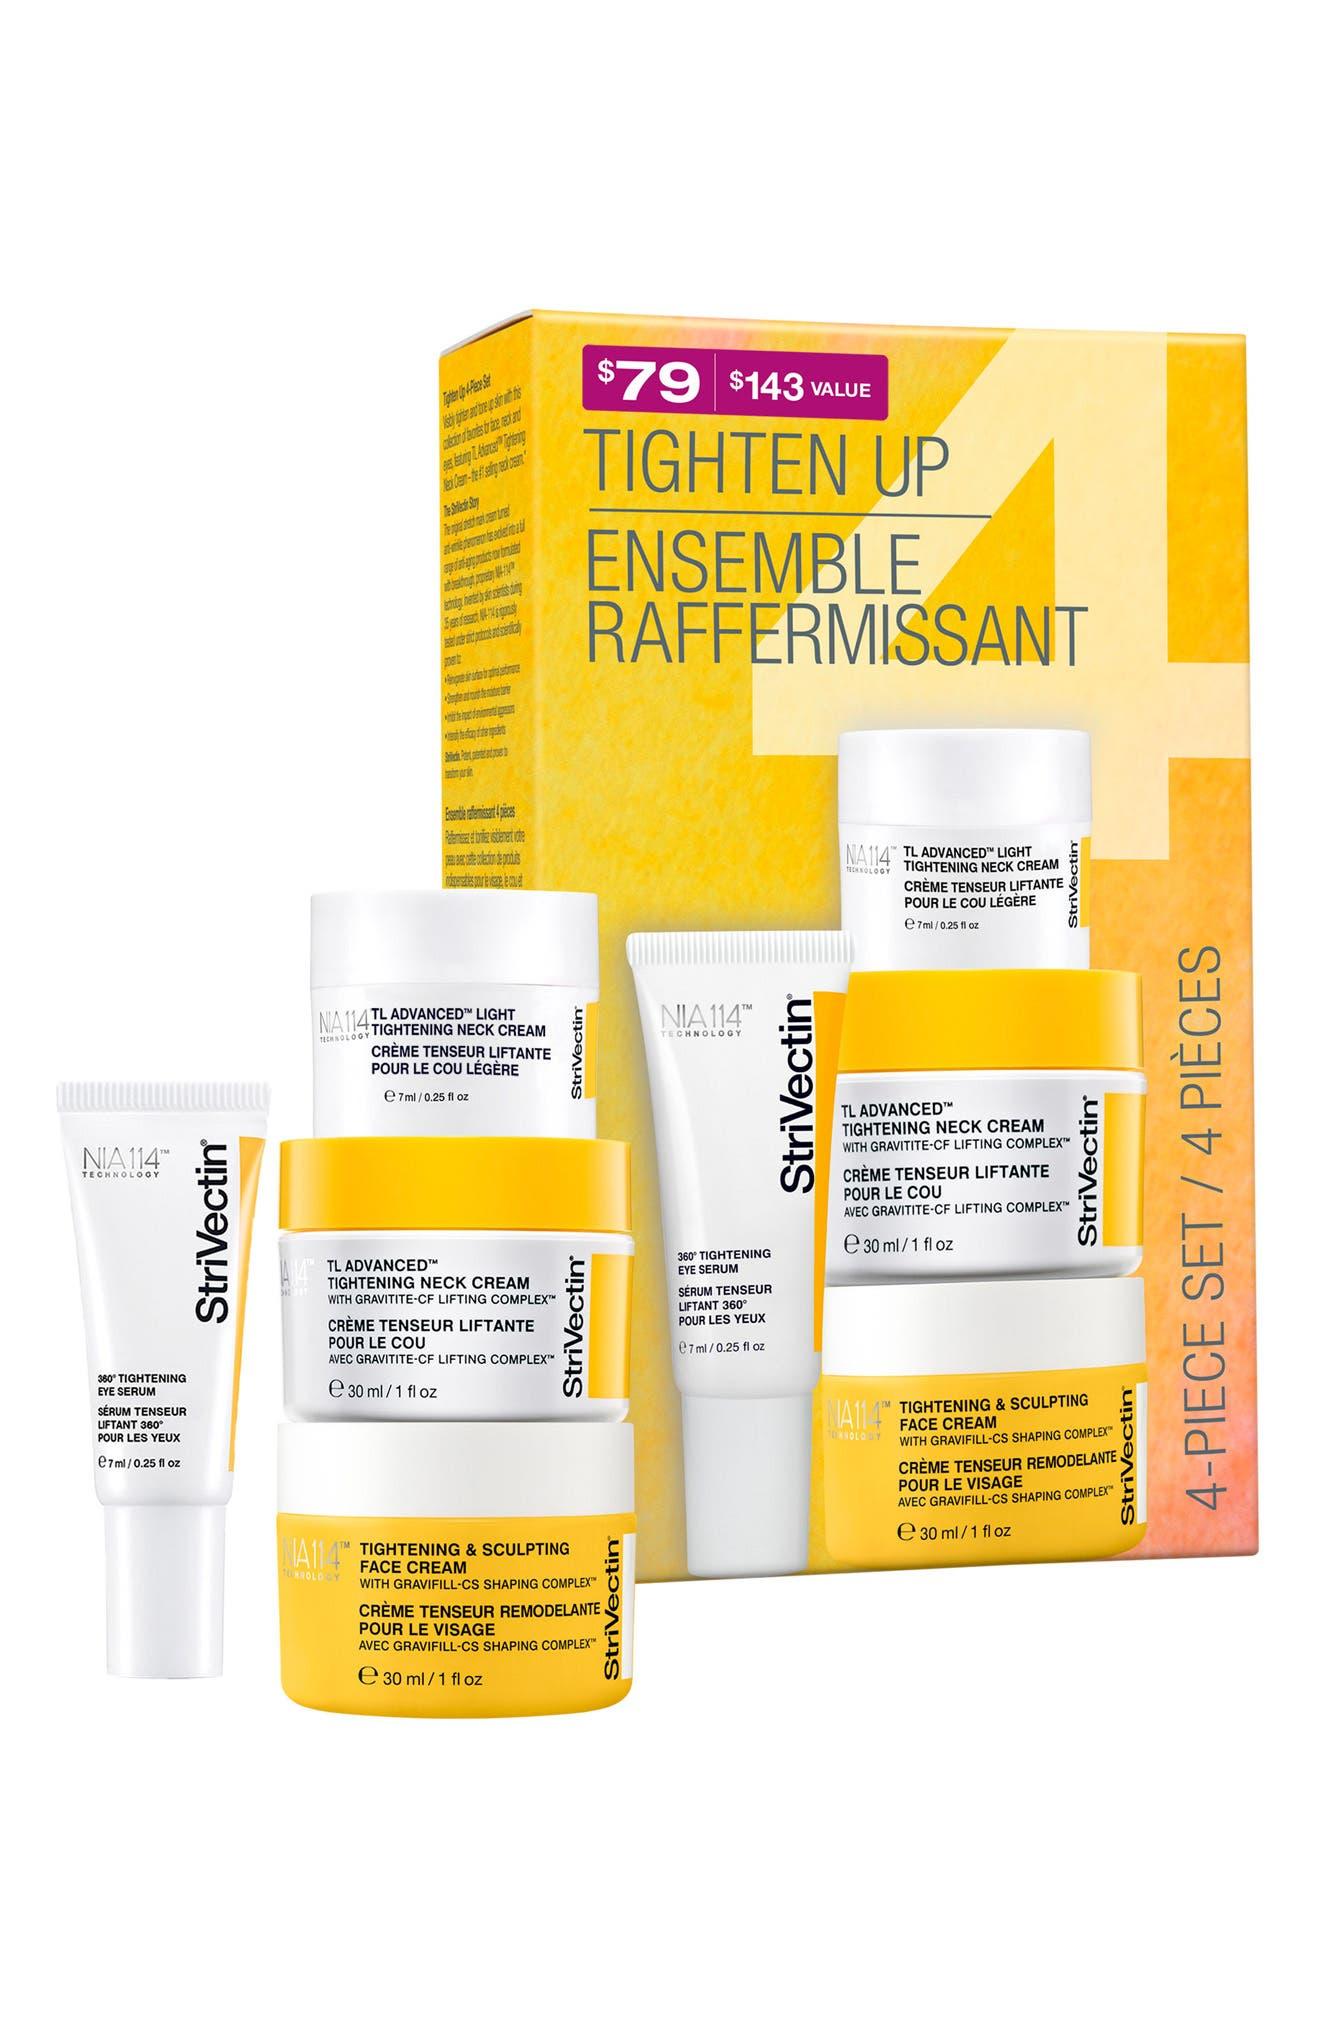 StriVectin®-TL™ Tighten Up Kit ($143 Value)